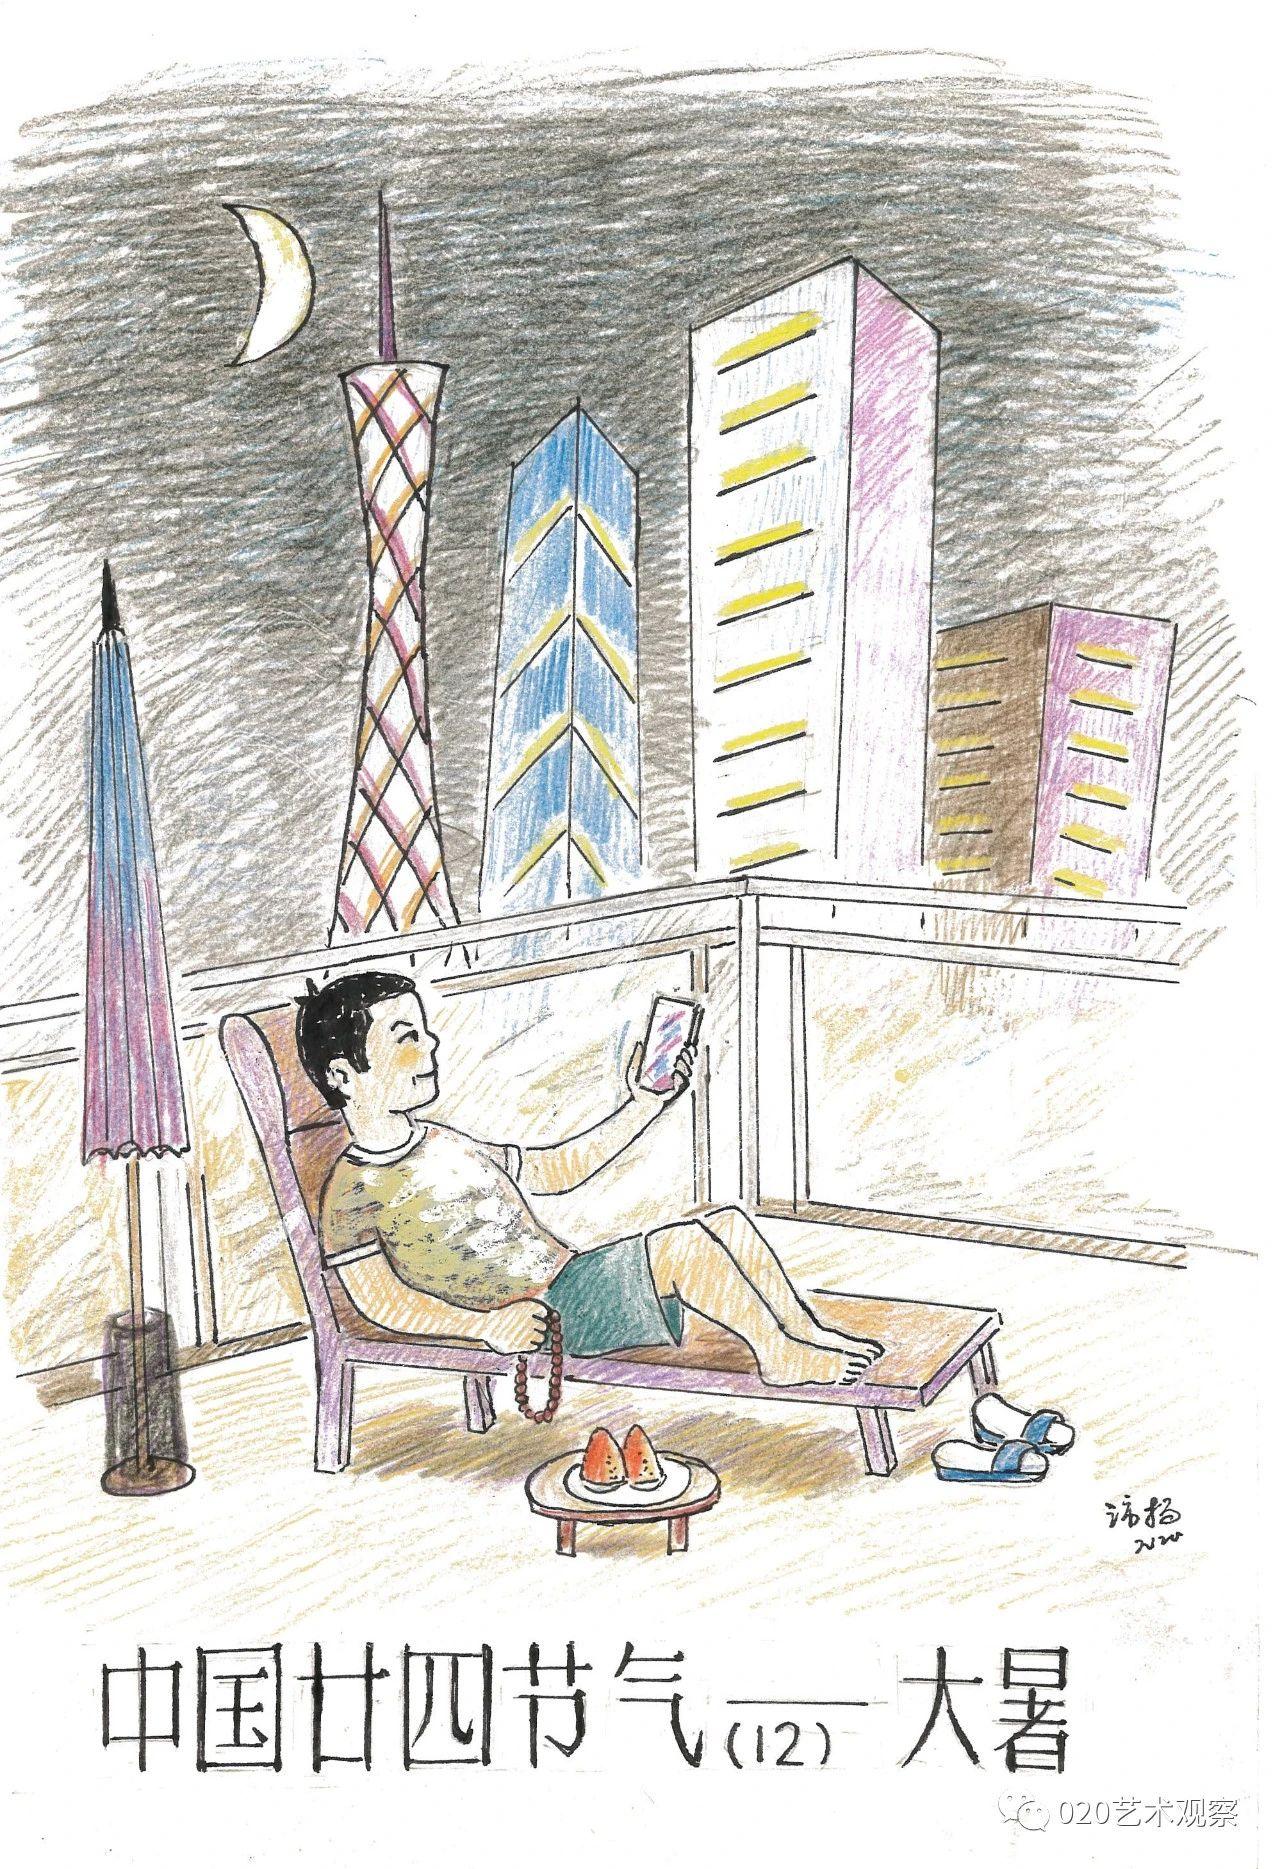 漫画中国二十四节气(3)——盛夏之约